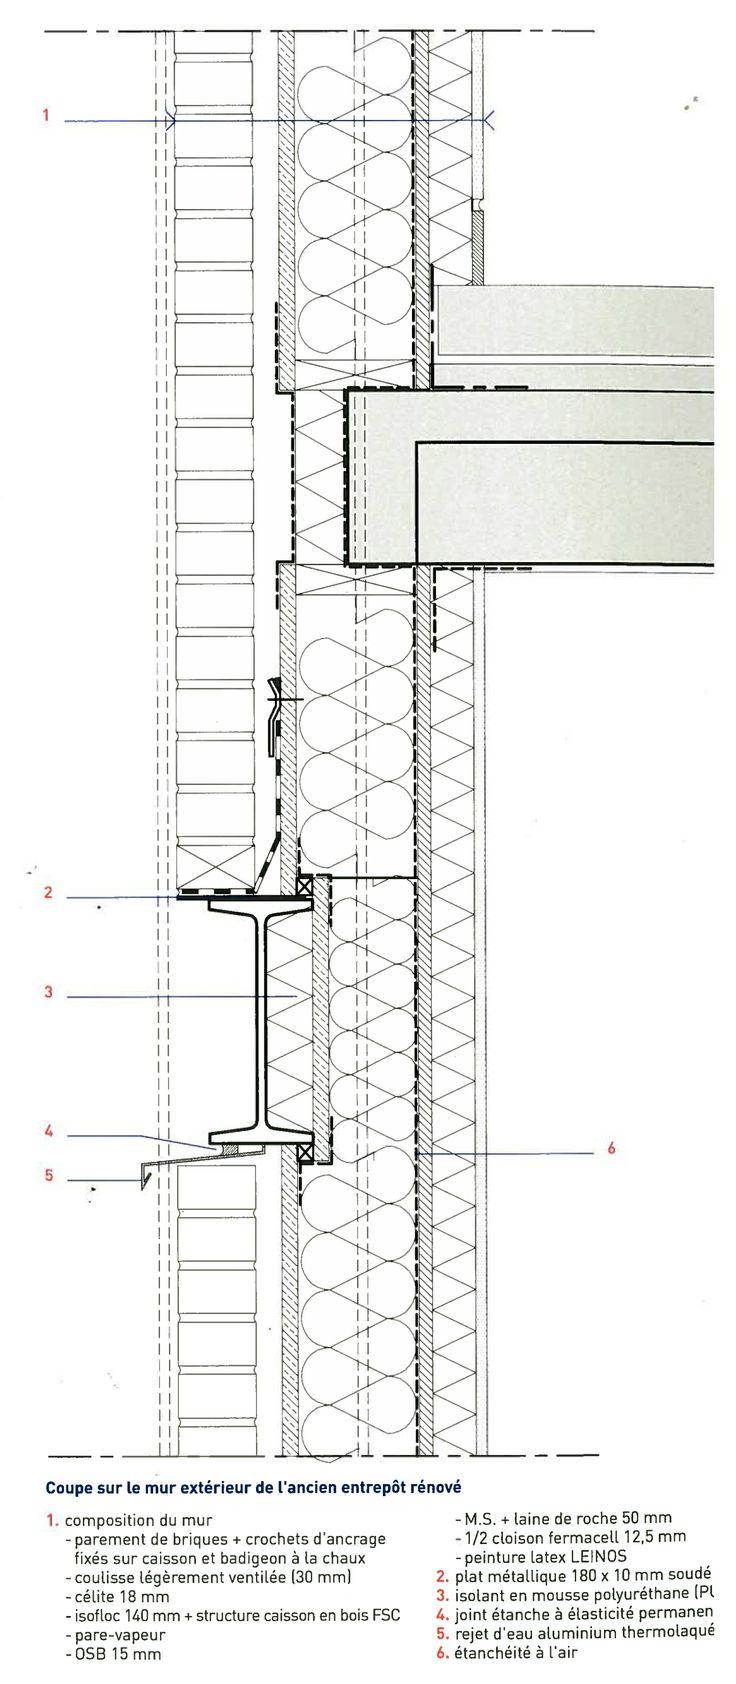 Architectural Drawings Of Bridges 89 best tech 2014 - bridges images on pinterest | architecture